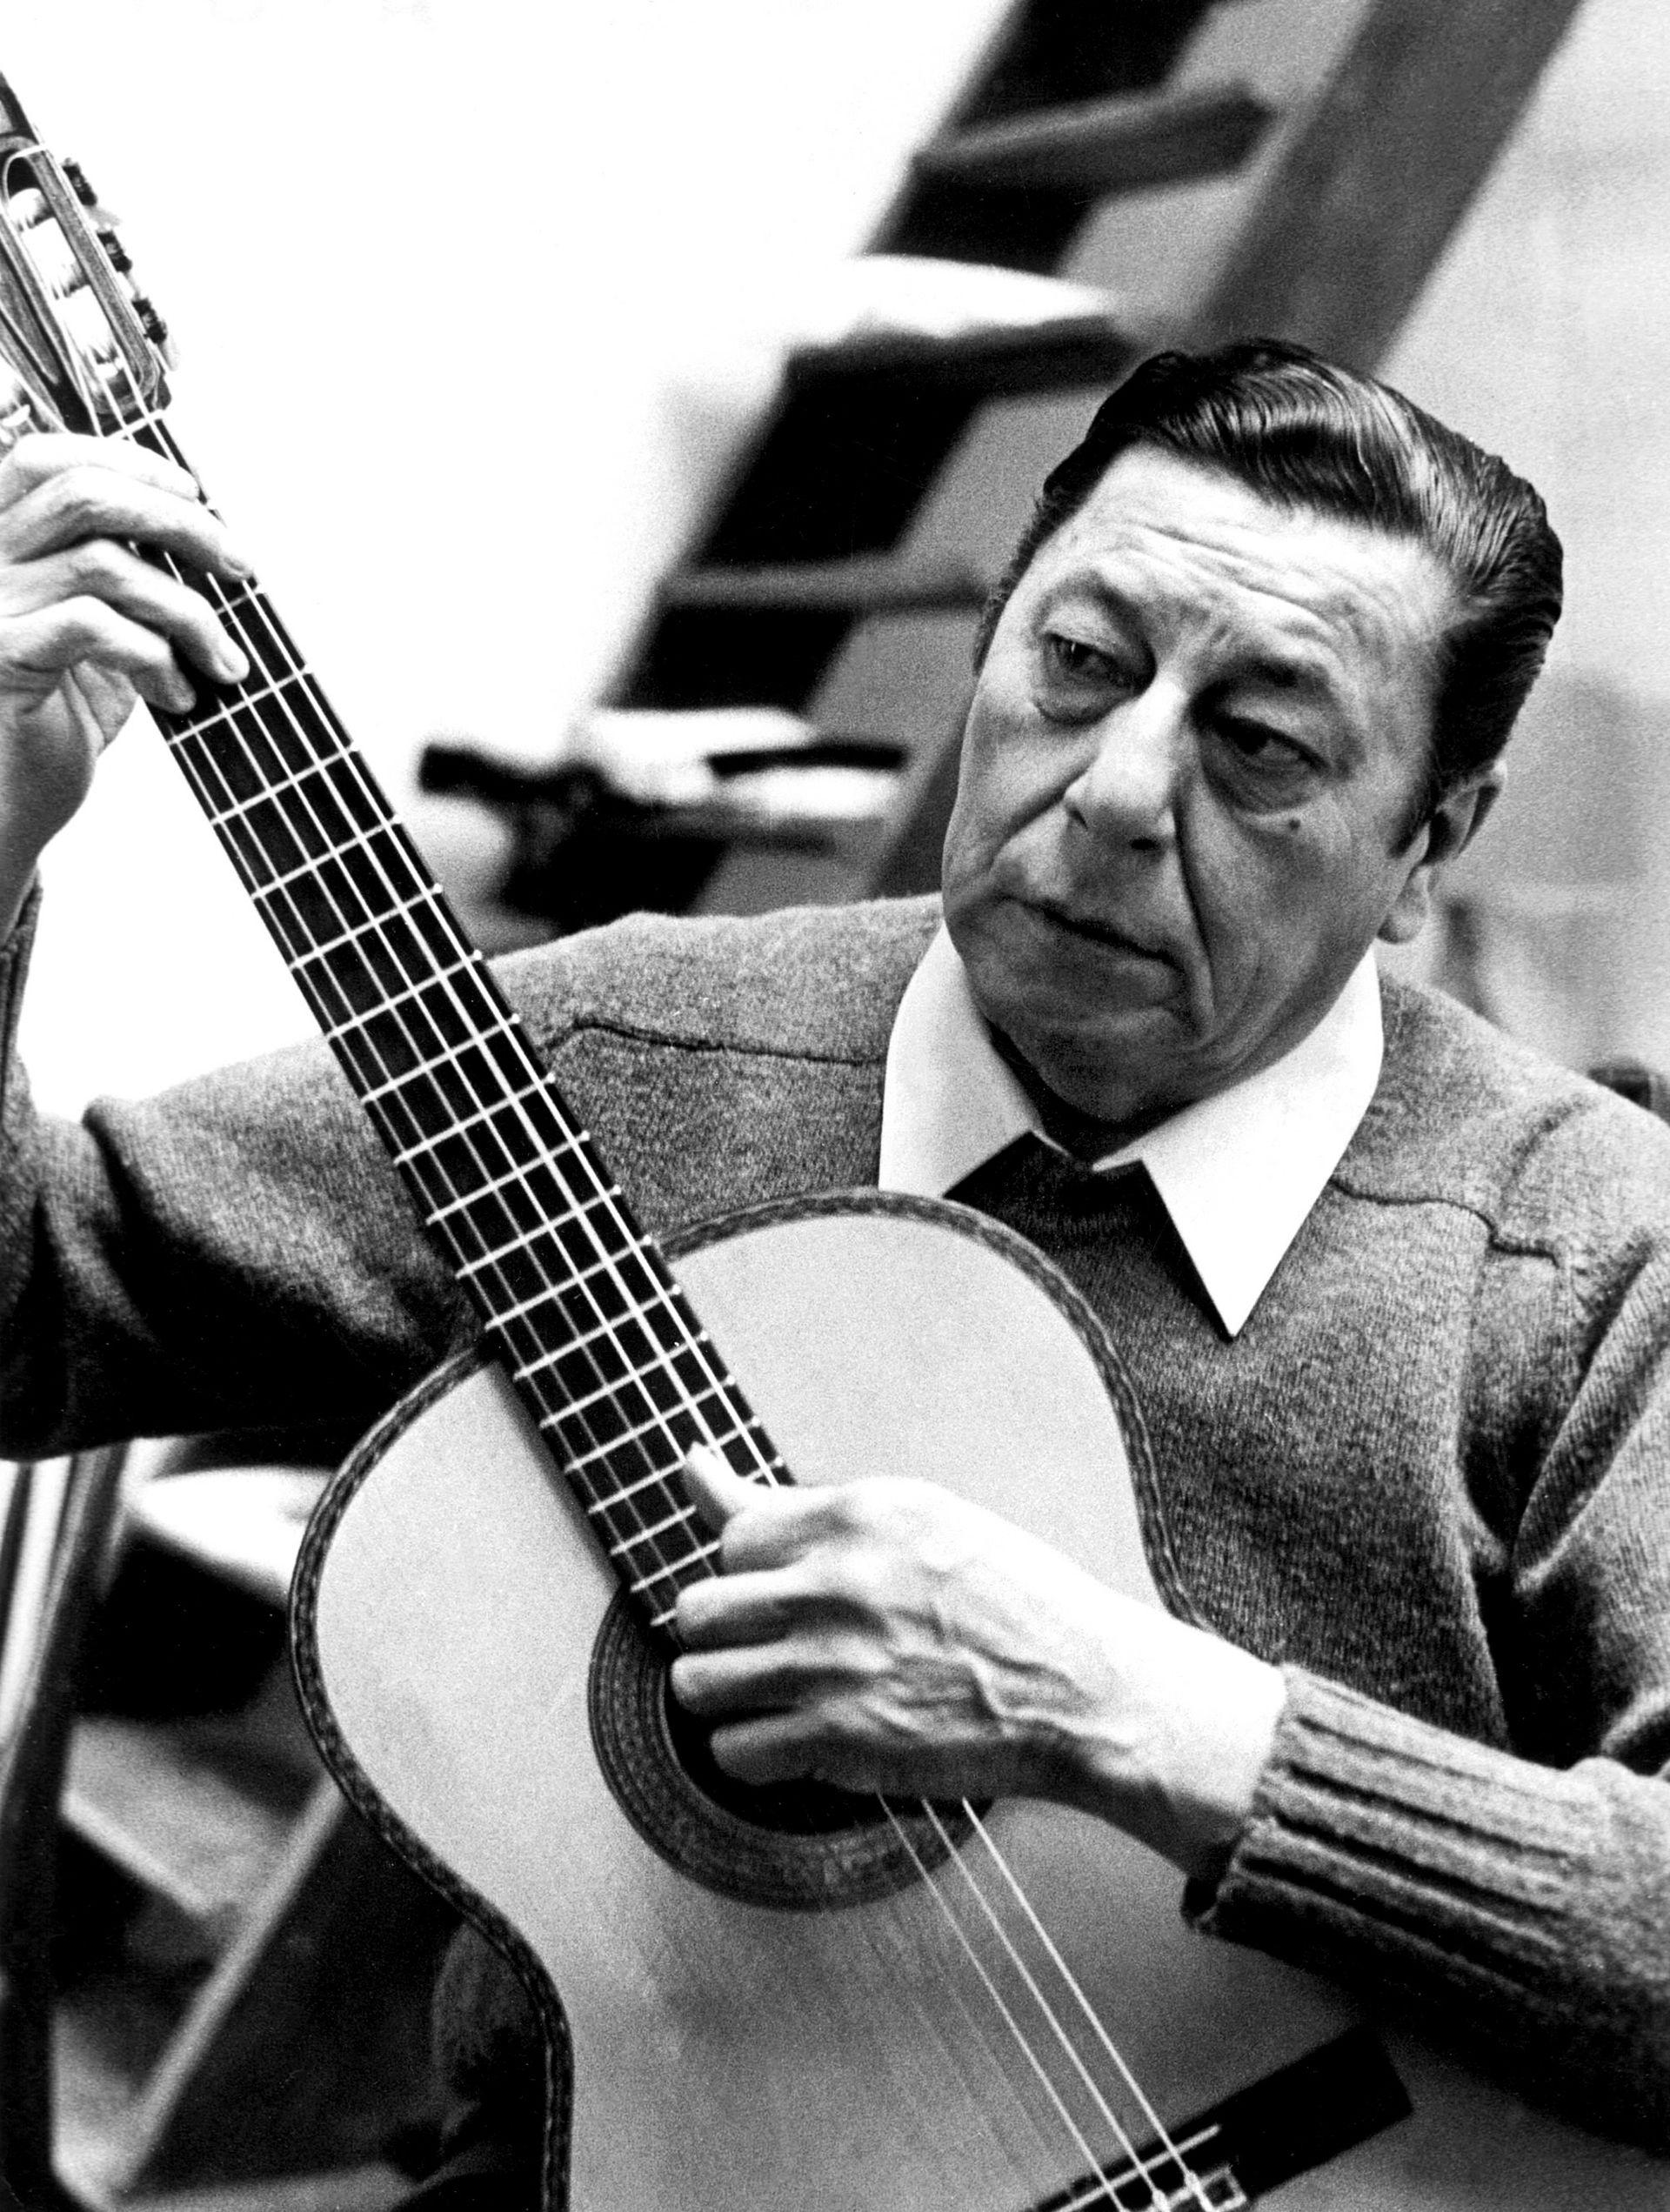 El cantautor argentino Atahualpa Yupanqui en 1982, en París